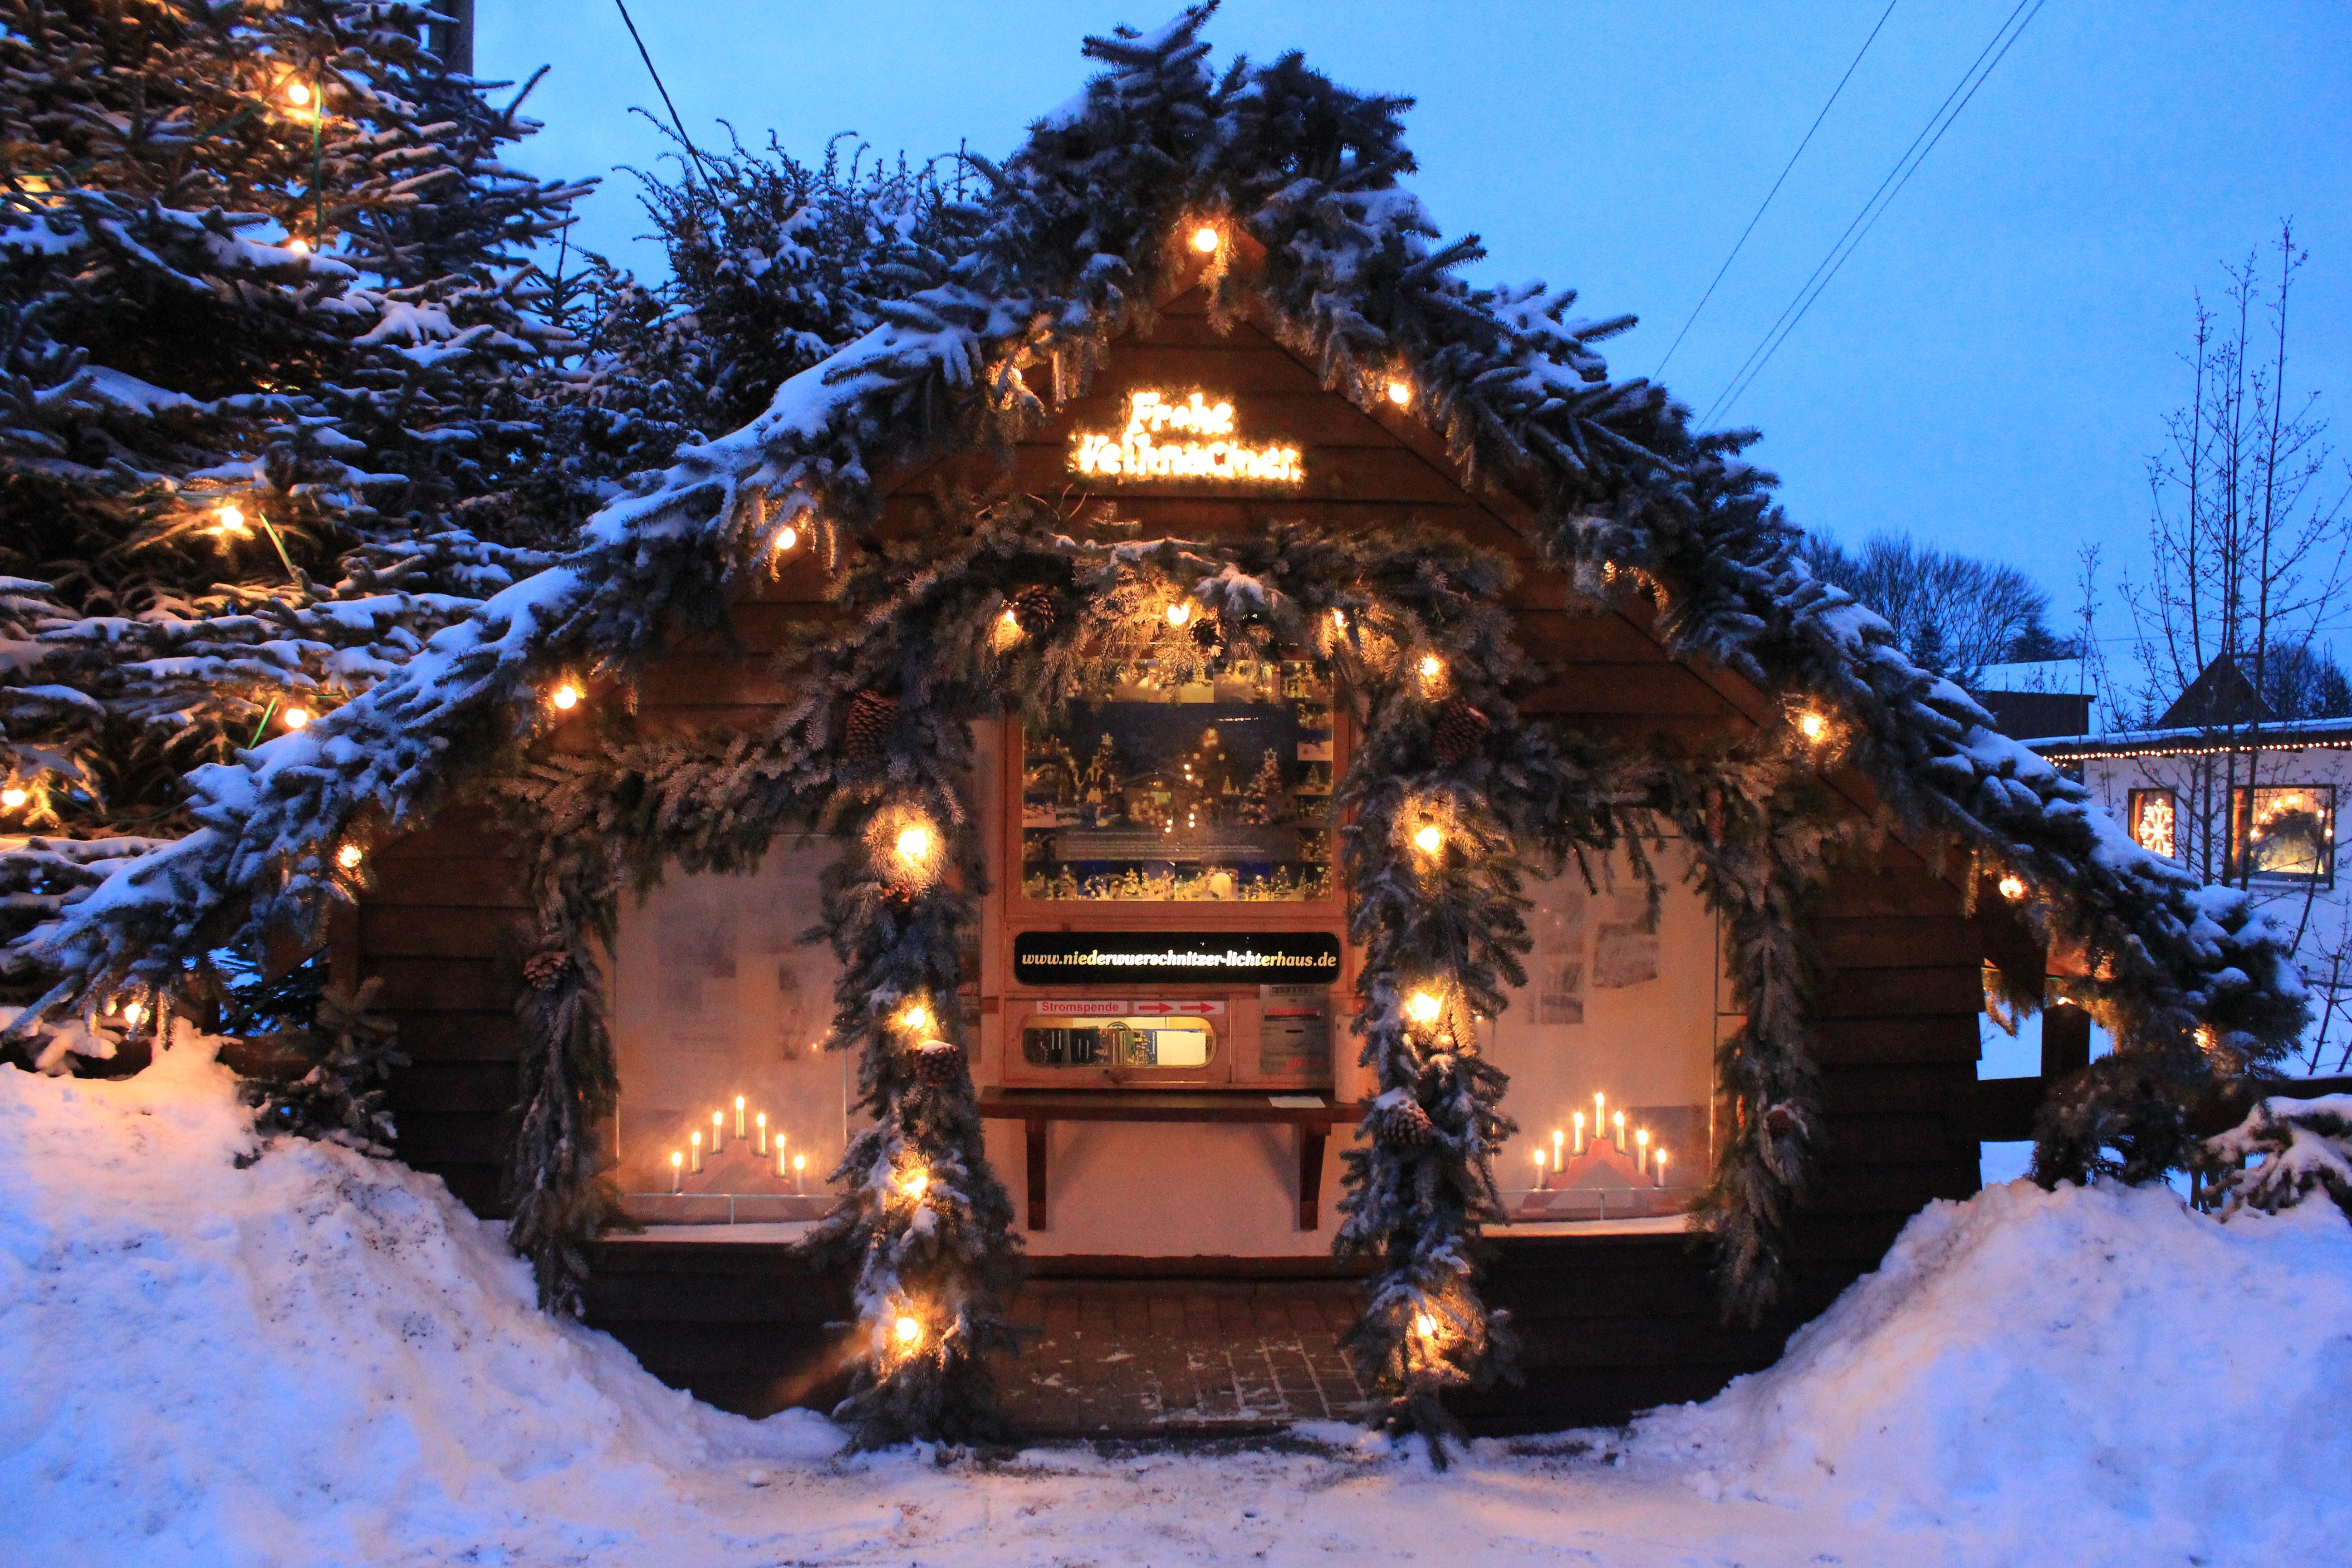 Frohe Weihnachten Wikipedia.Datei Frohe Weihnachten Hutte Lichterhaus Niederwurschnitz